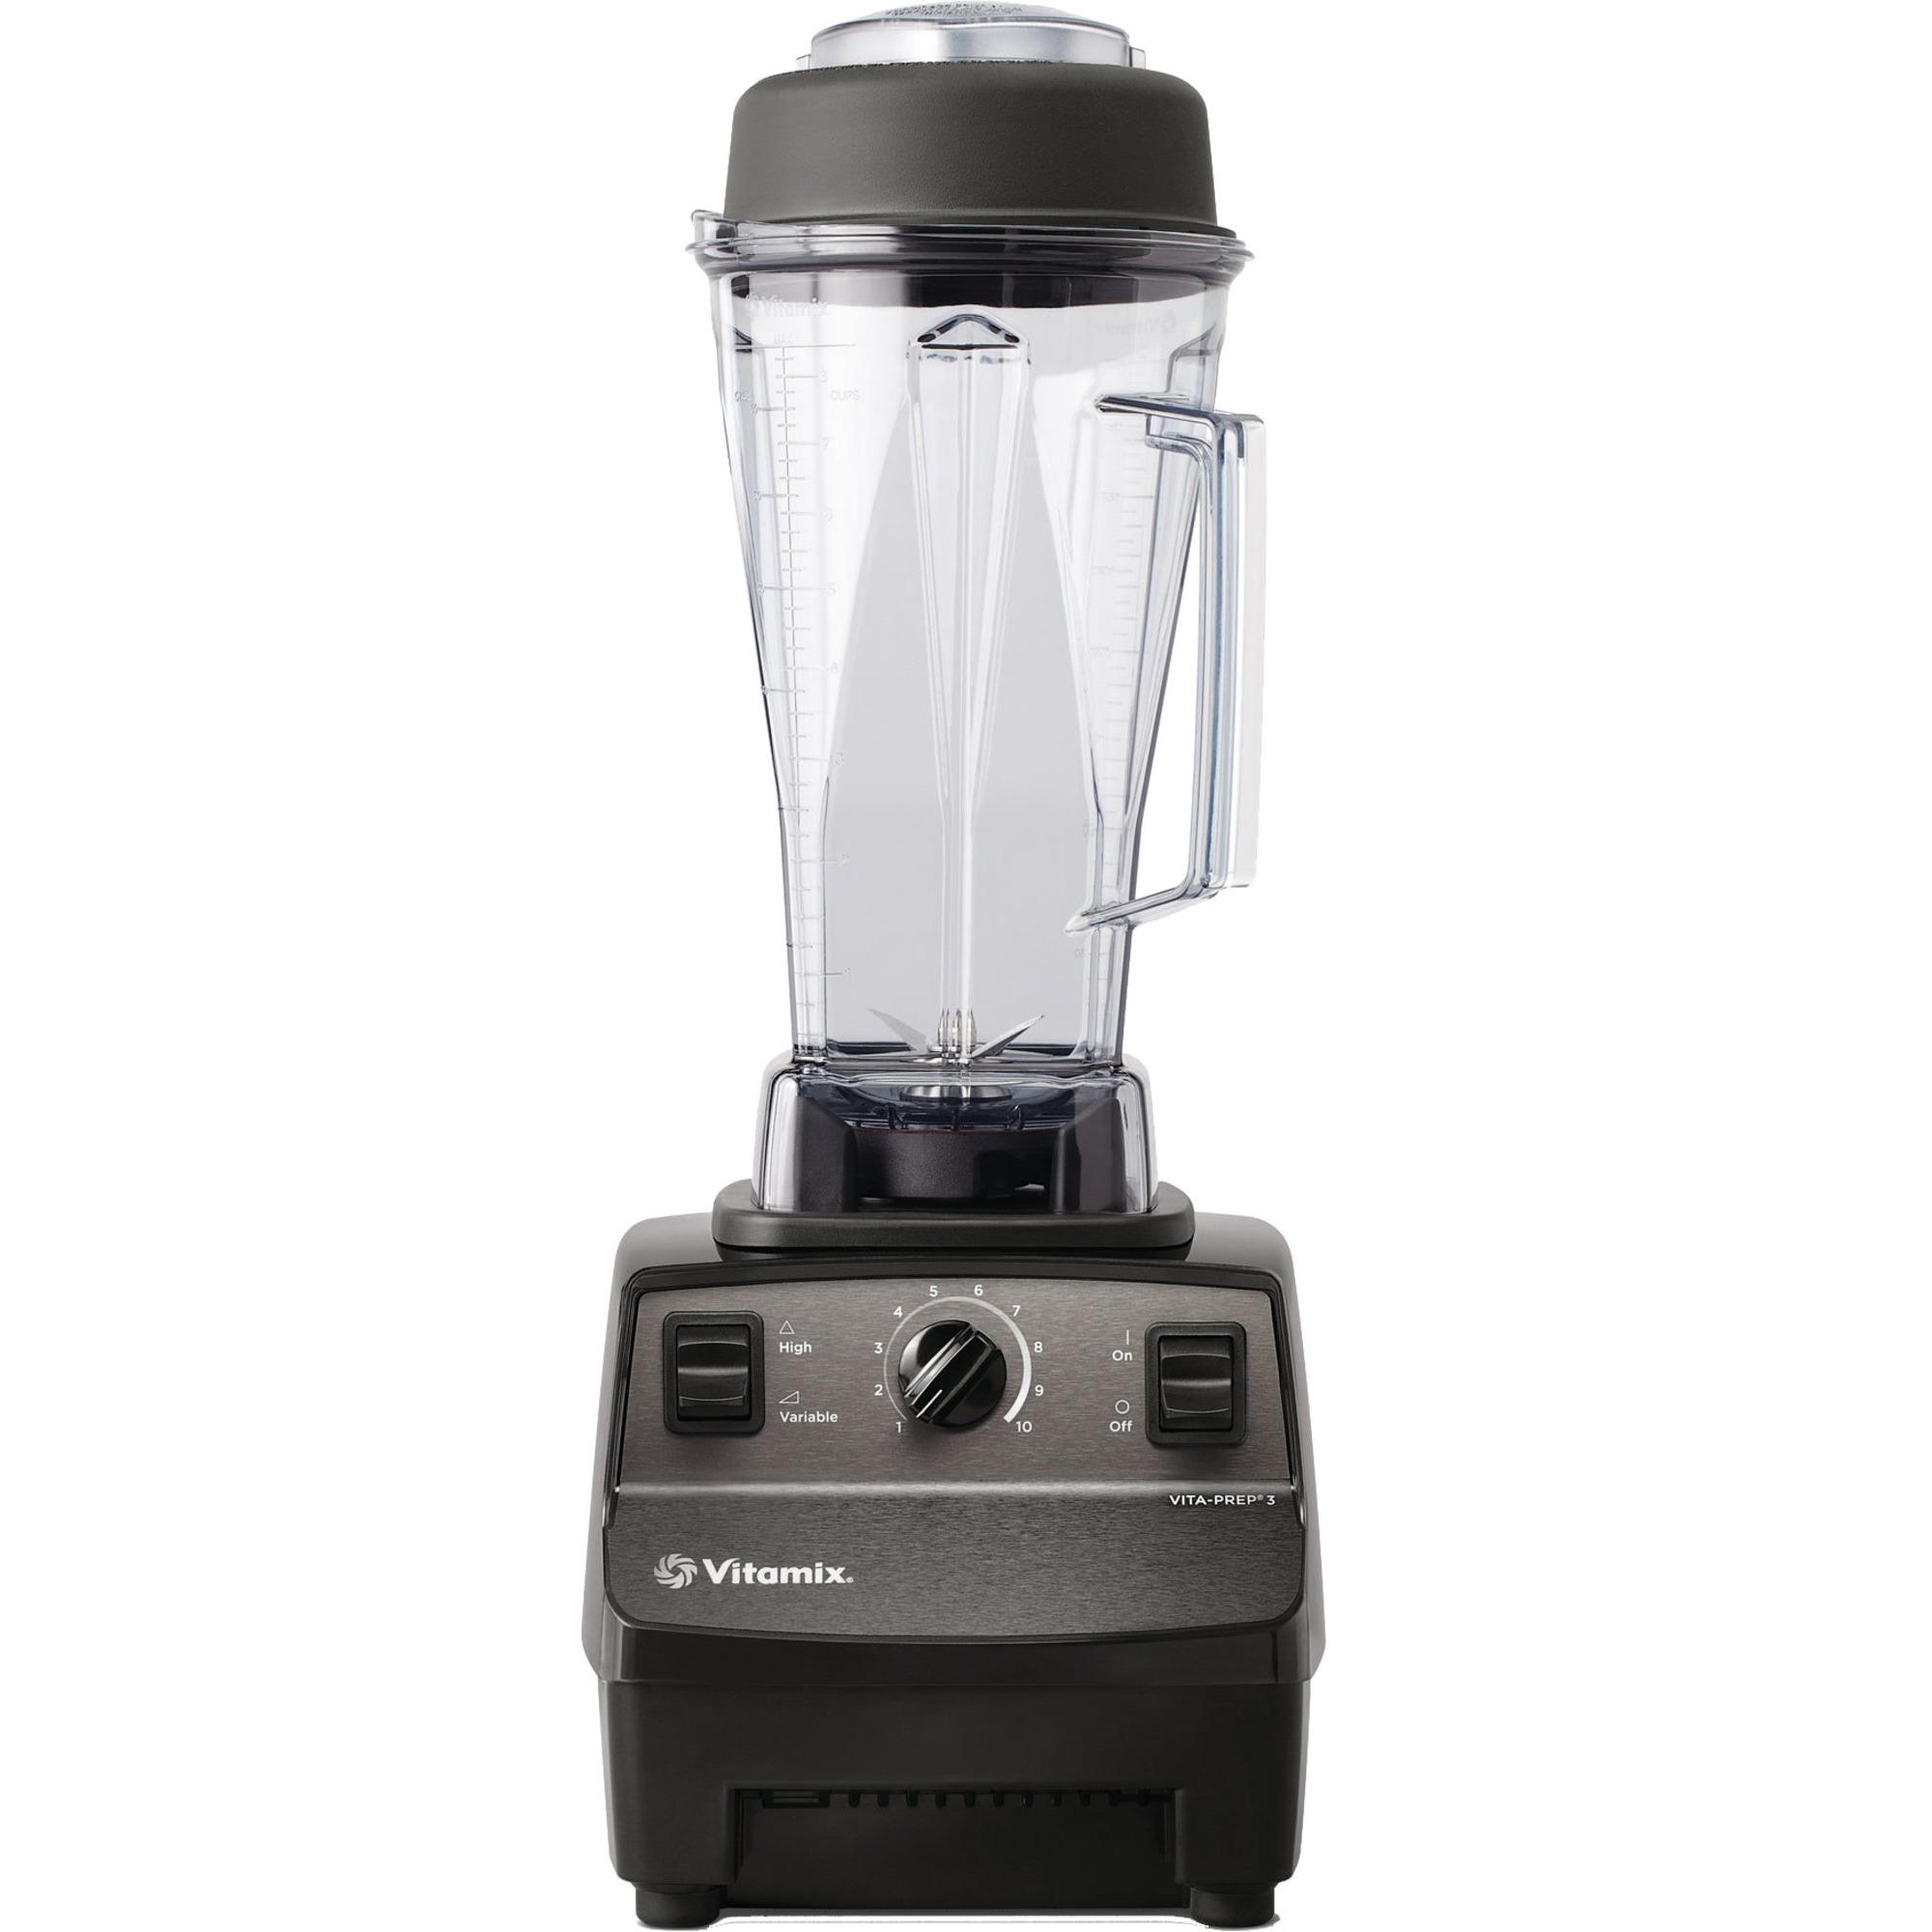 Vitamix Commercial Vita-Prep 3 blender